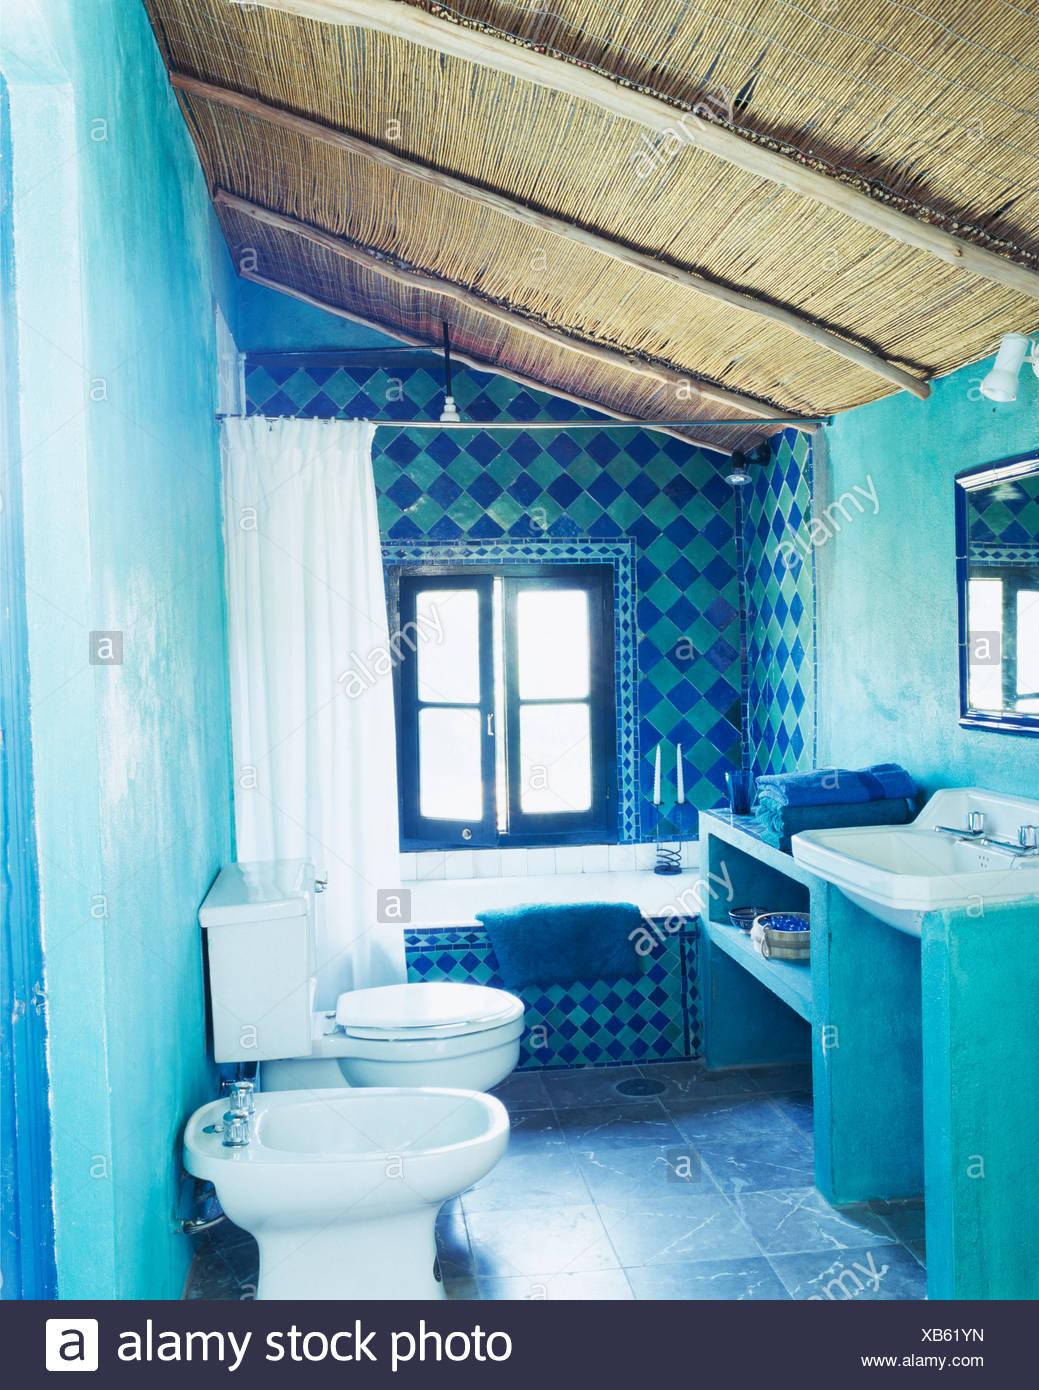 Plafond de chaume en espagnol turquoise bleu décoration ...